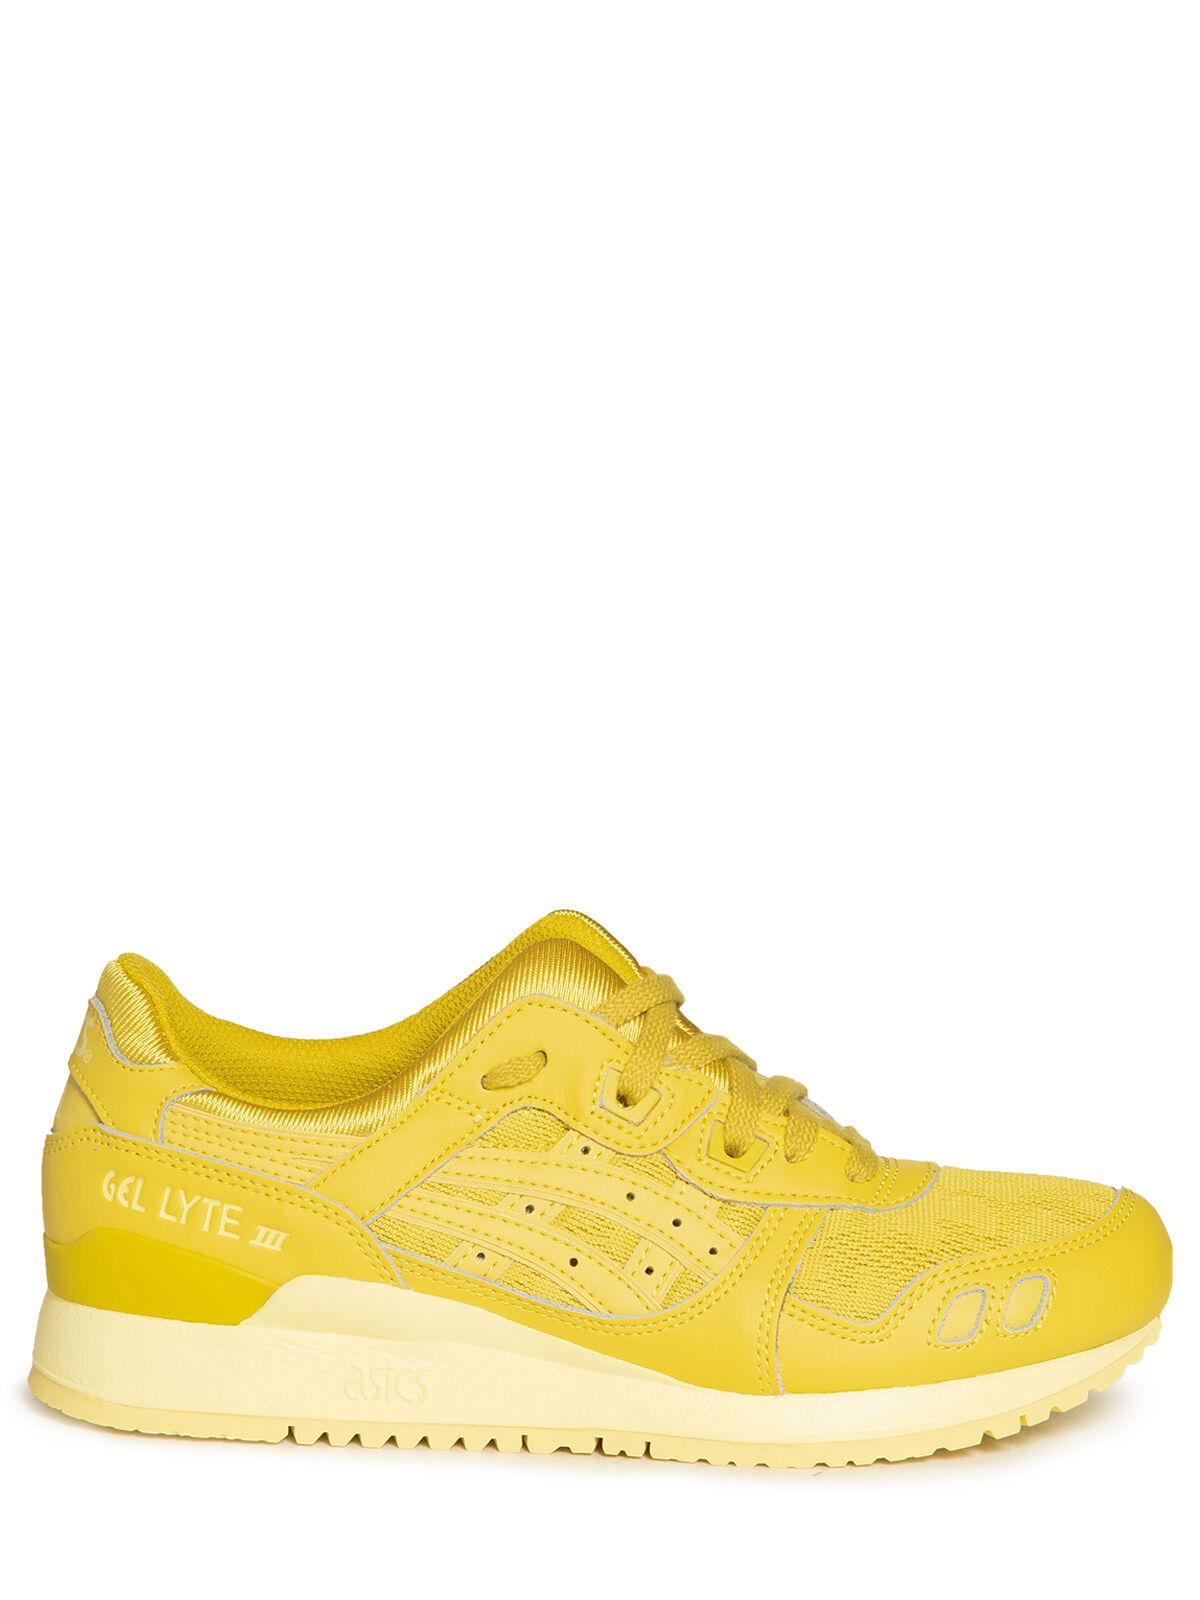 Asics Sneaker Lyte III gelb   Dress-for